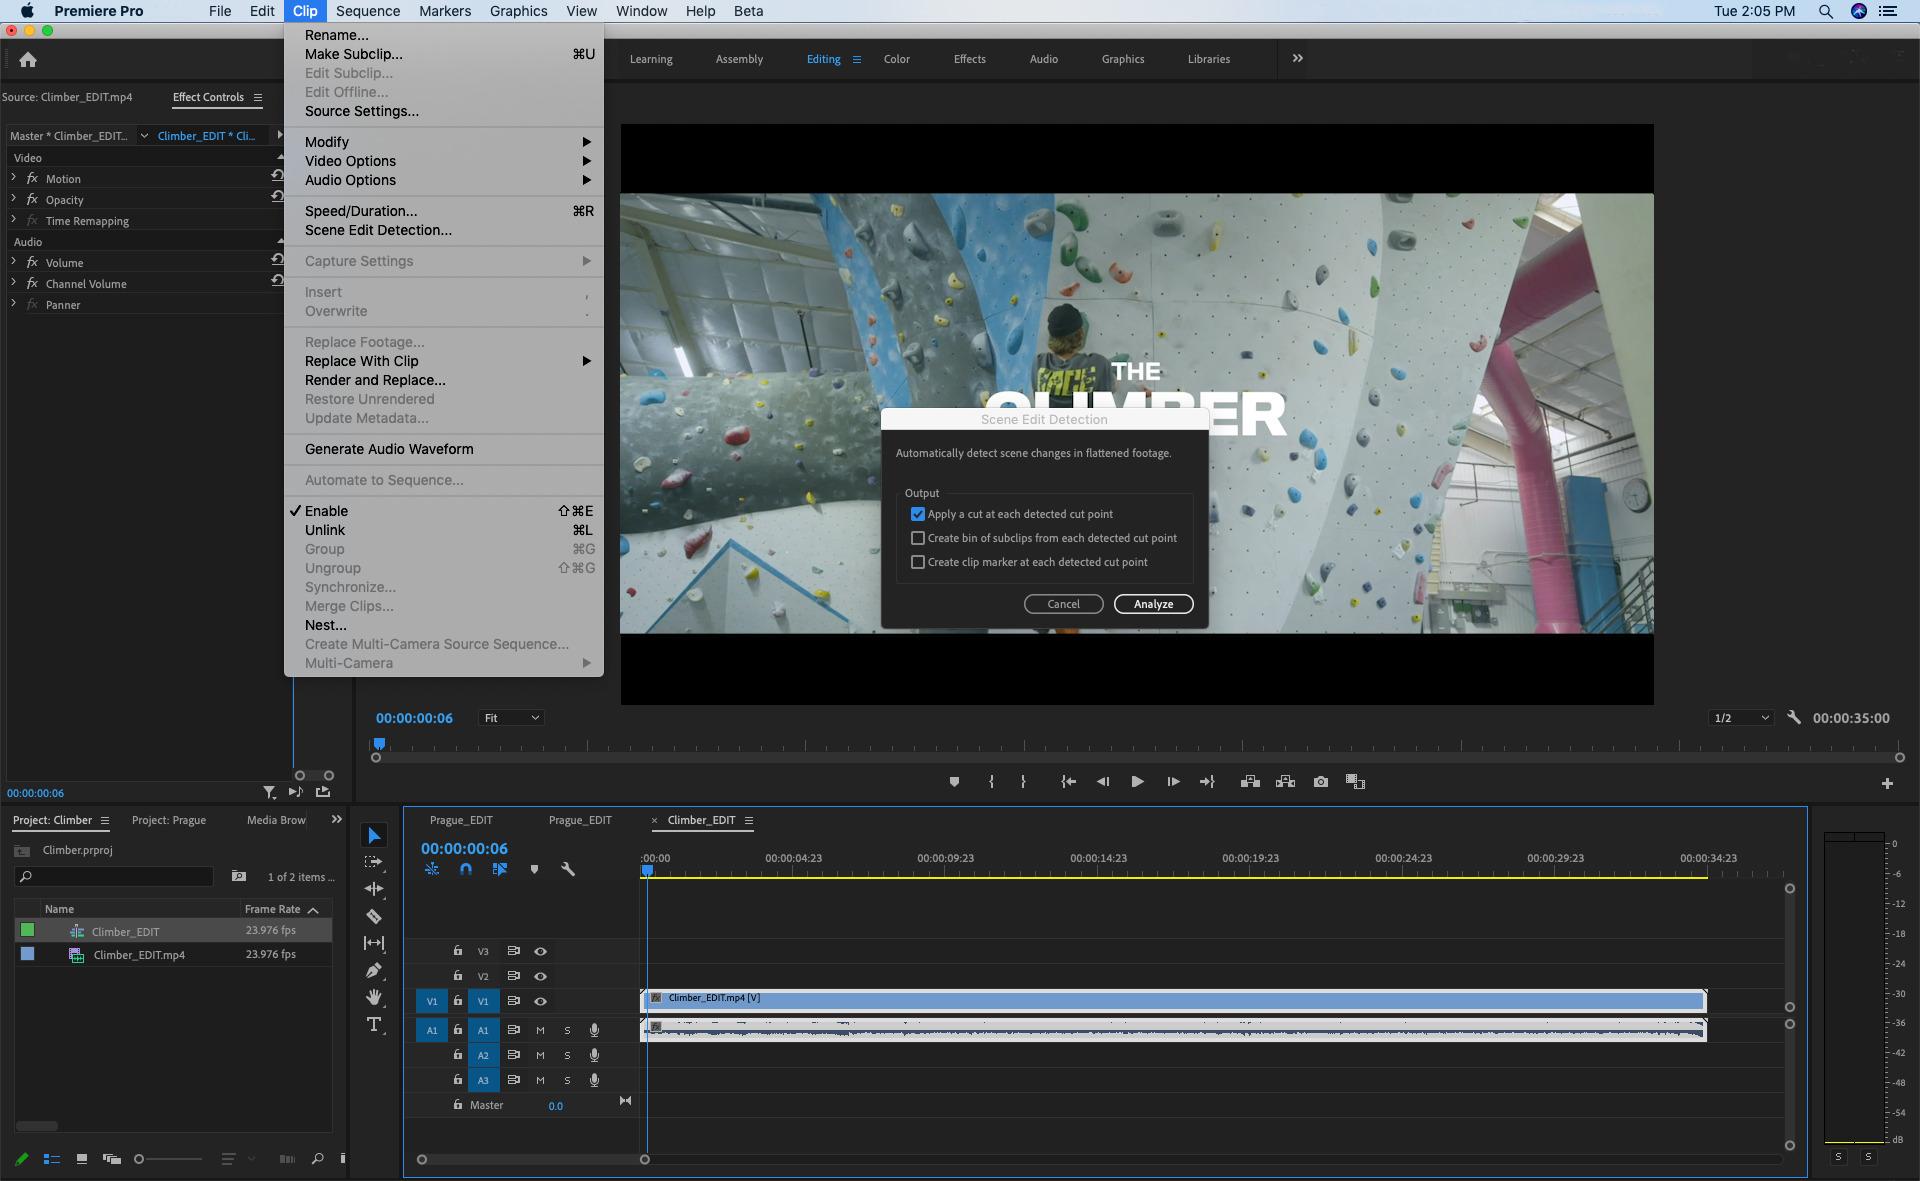 Adobe Premiere Pro scene edit detection